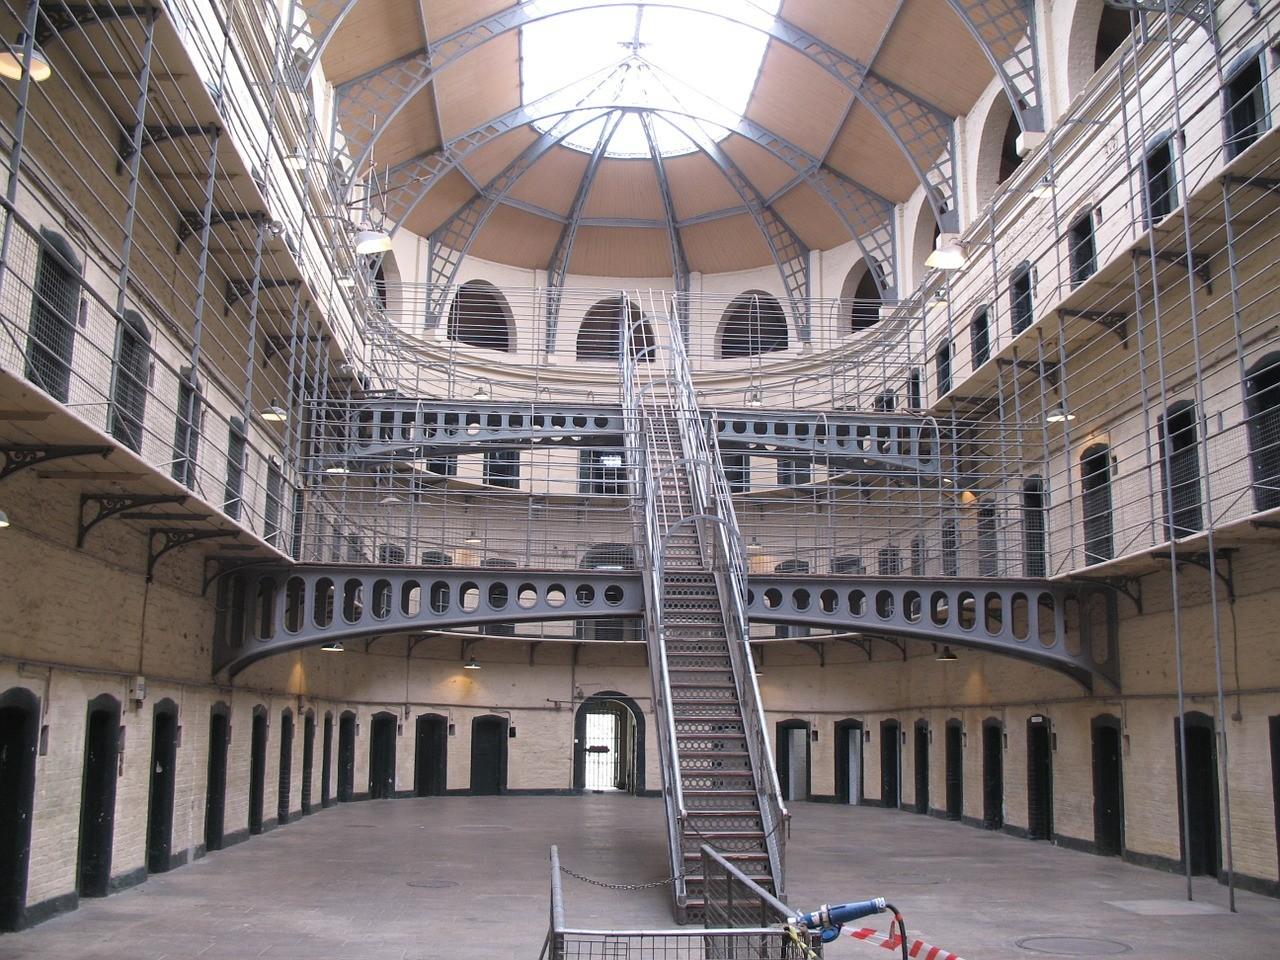 jail-831270_1280